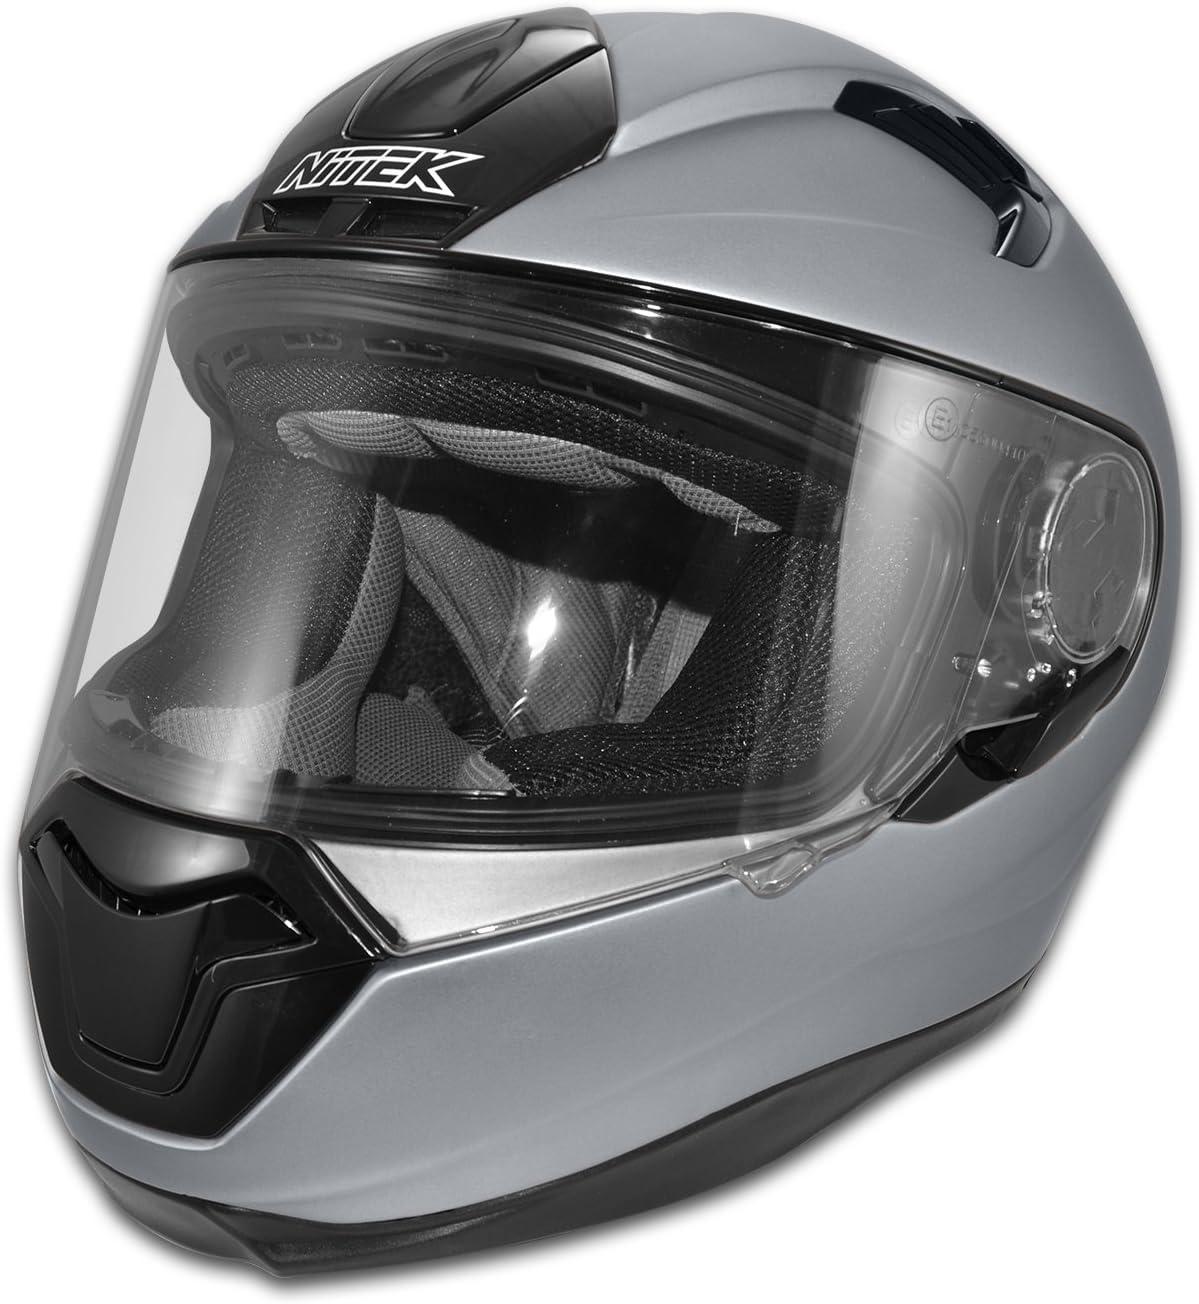 Nitek N125 Interceptor Full Face Motorcycle Street Helmet Matte Flat Black DOT